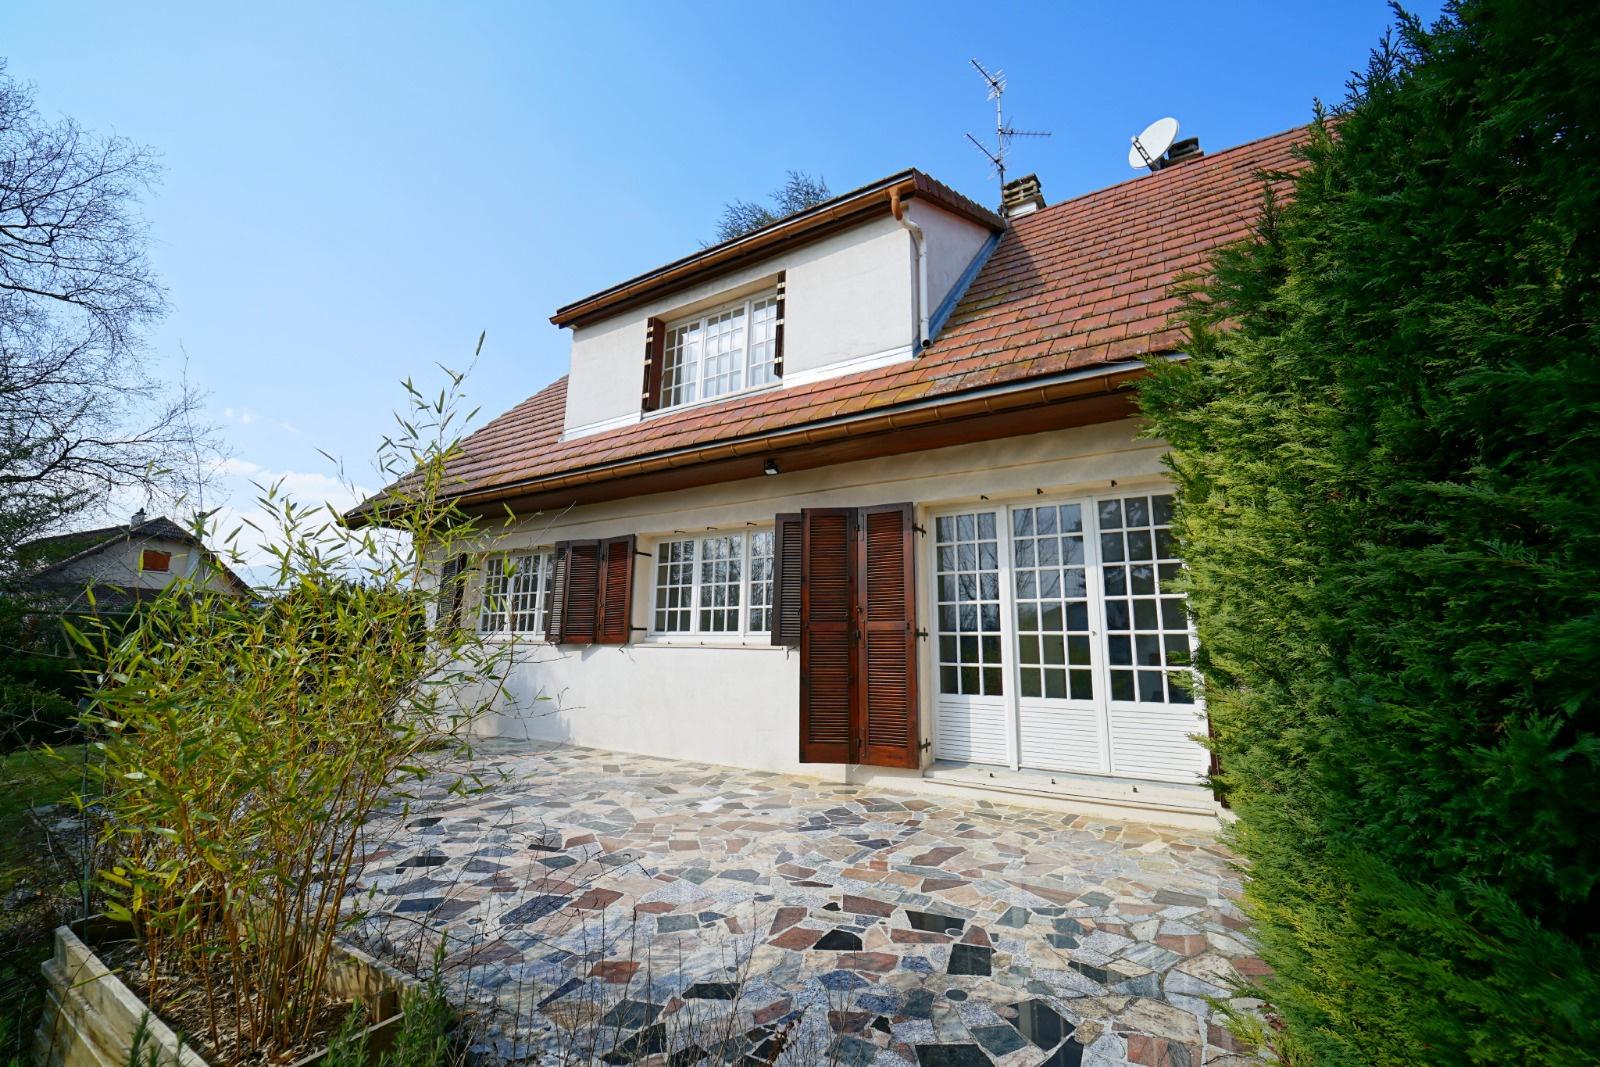 Vente segny villa individuelle 5 ch sur sous sol for Villa individuelle